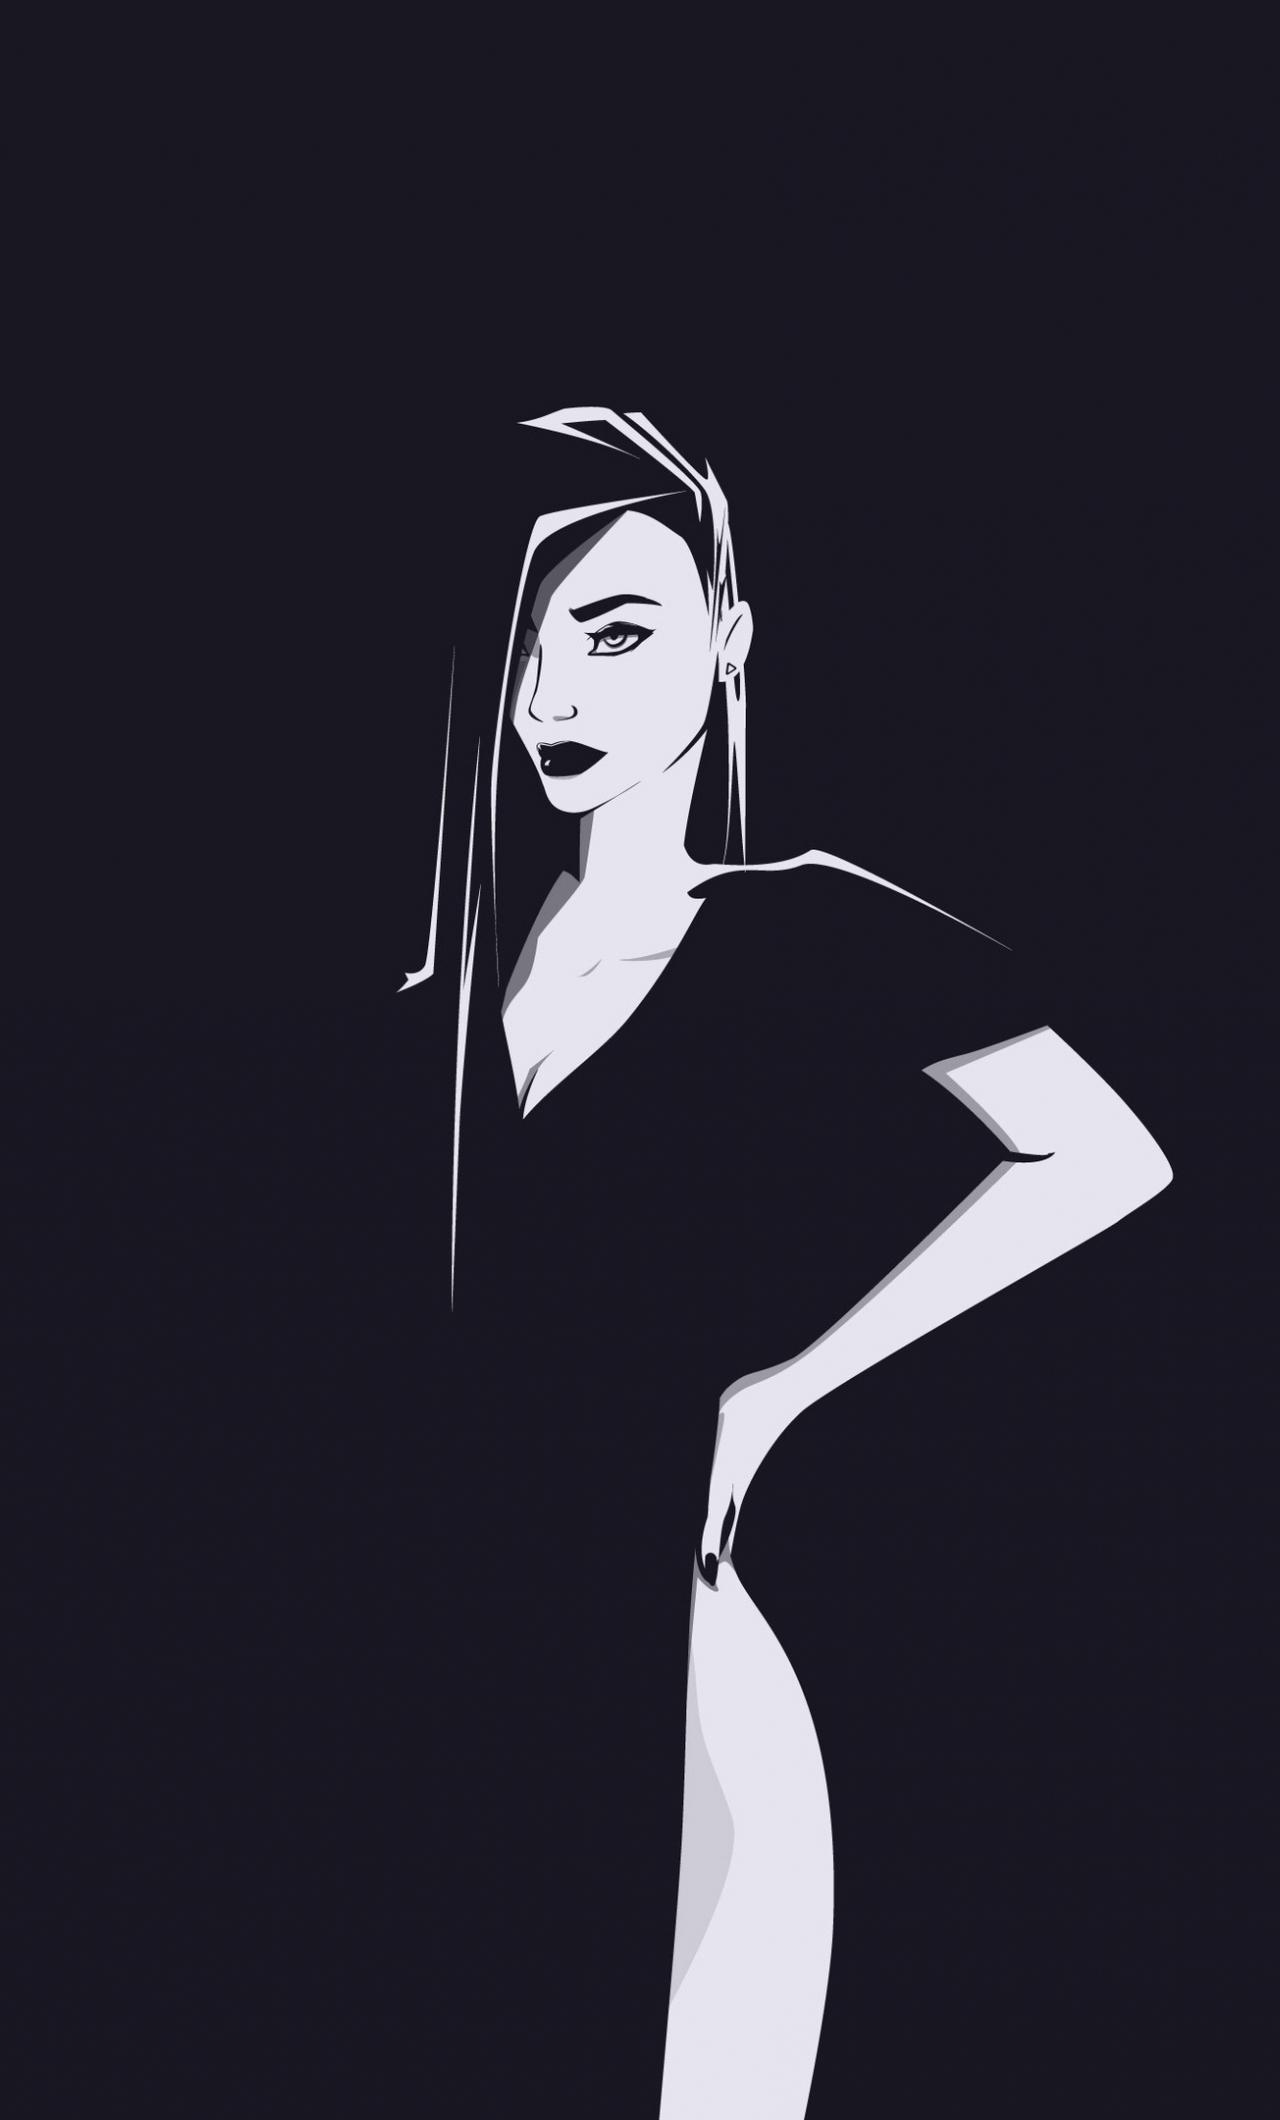 Minimal, urban woman, art, 1280x2120 wallpaper